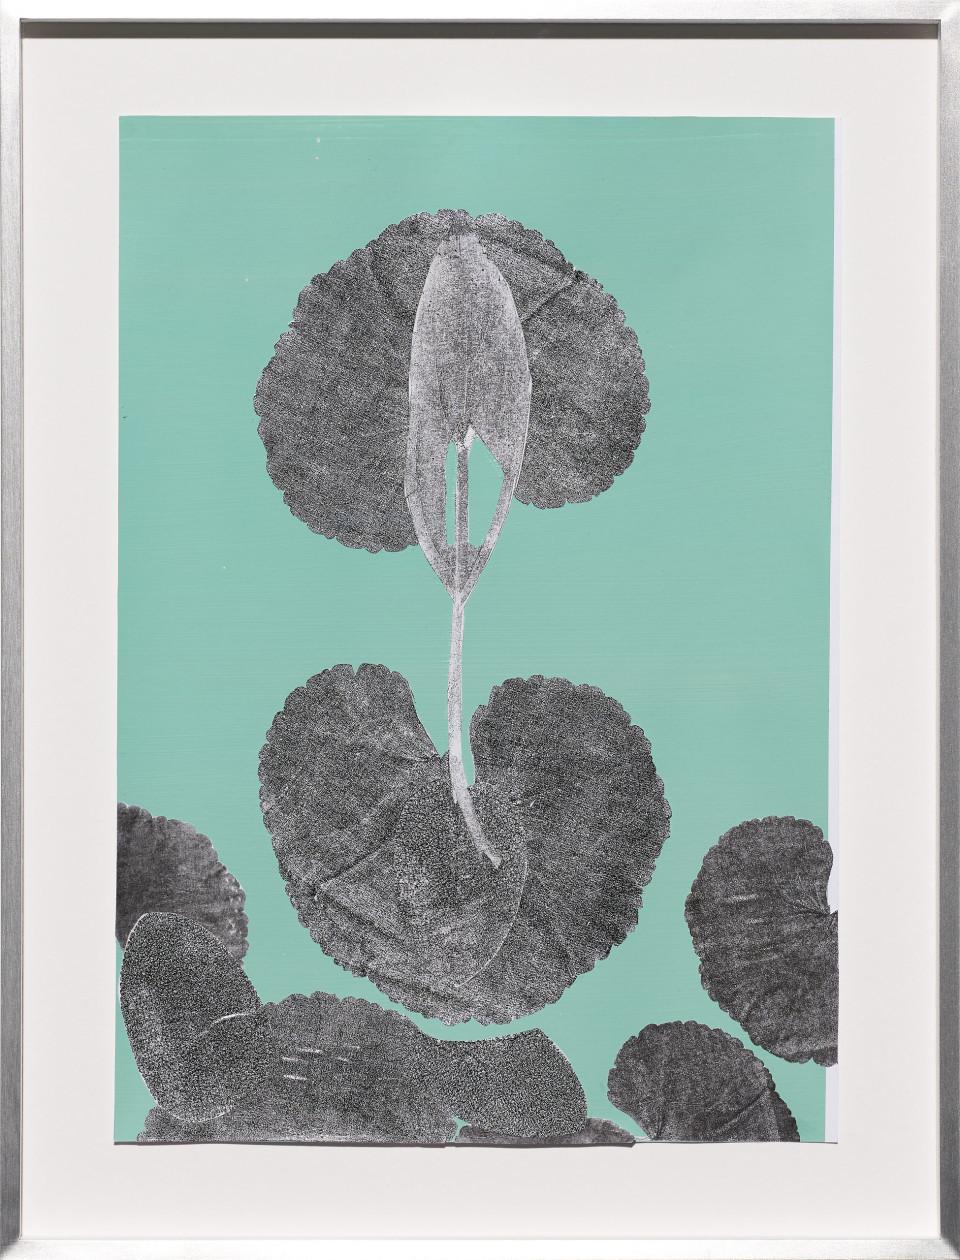 Frauke Dannert  Ohne Titel, 2018  Paper Collage  29 x 21 cm 11 3/8 x 8 1/4 in